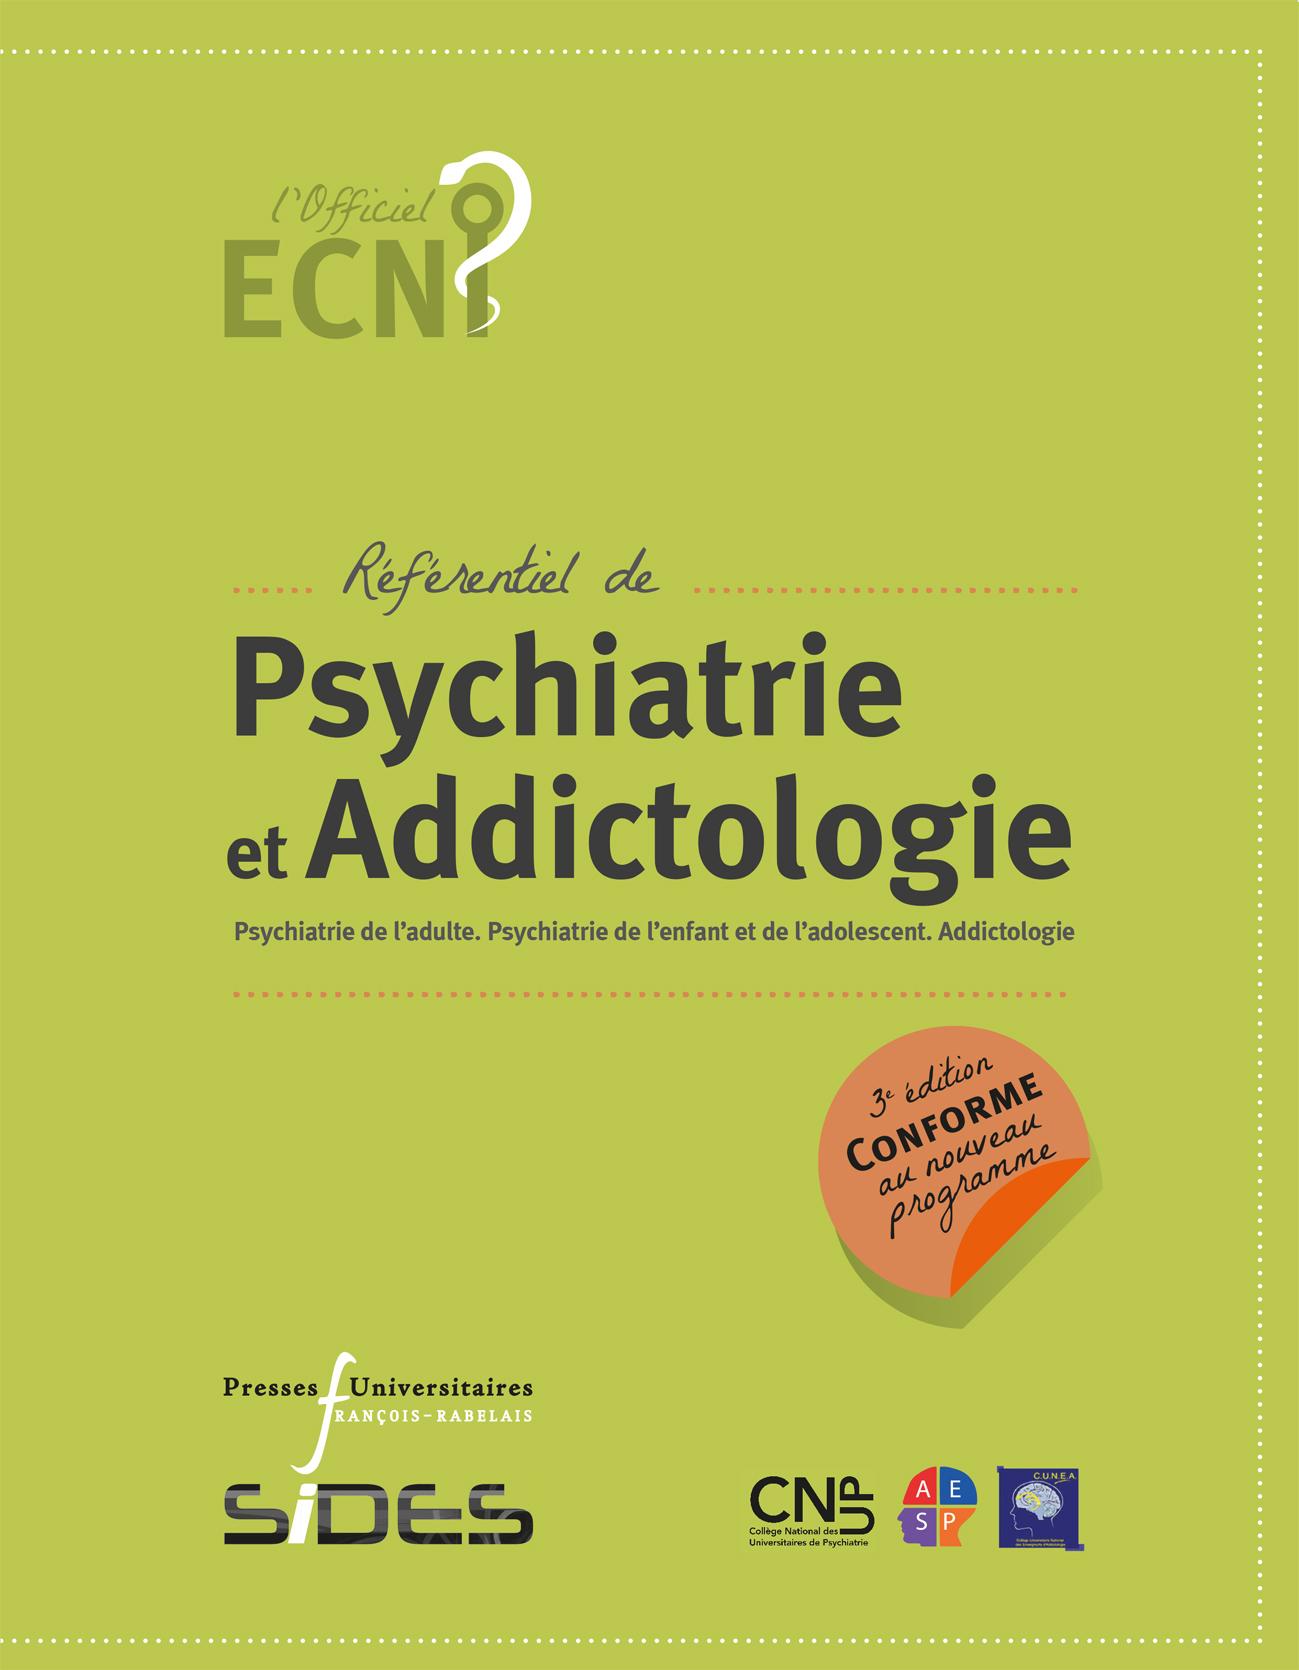 Référentiel de Psychiatrie et Addictologie (3e édition conforme au nouveau programme)